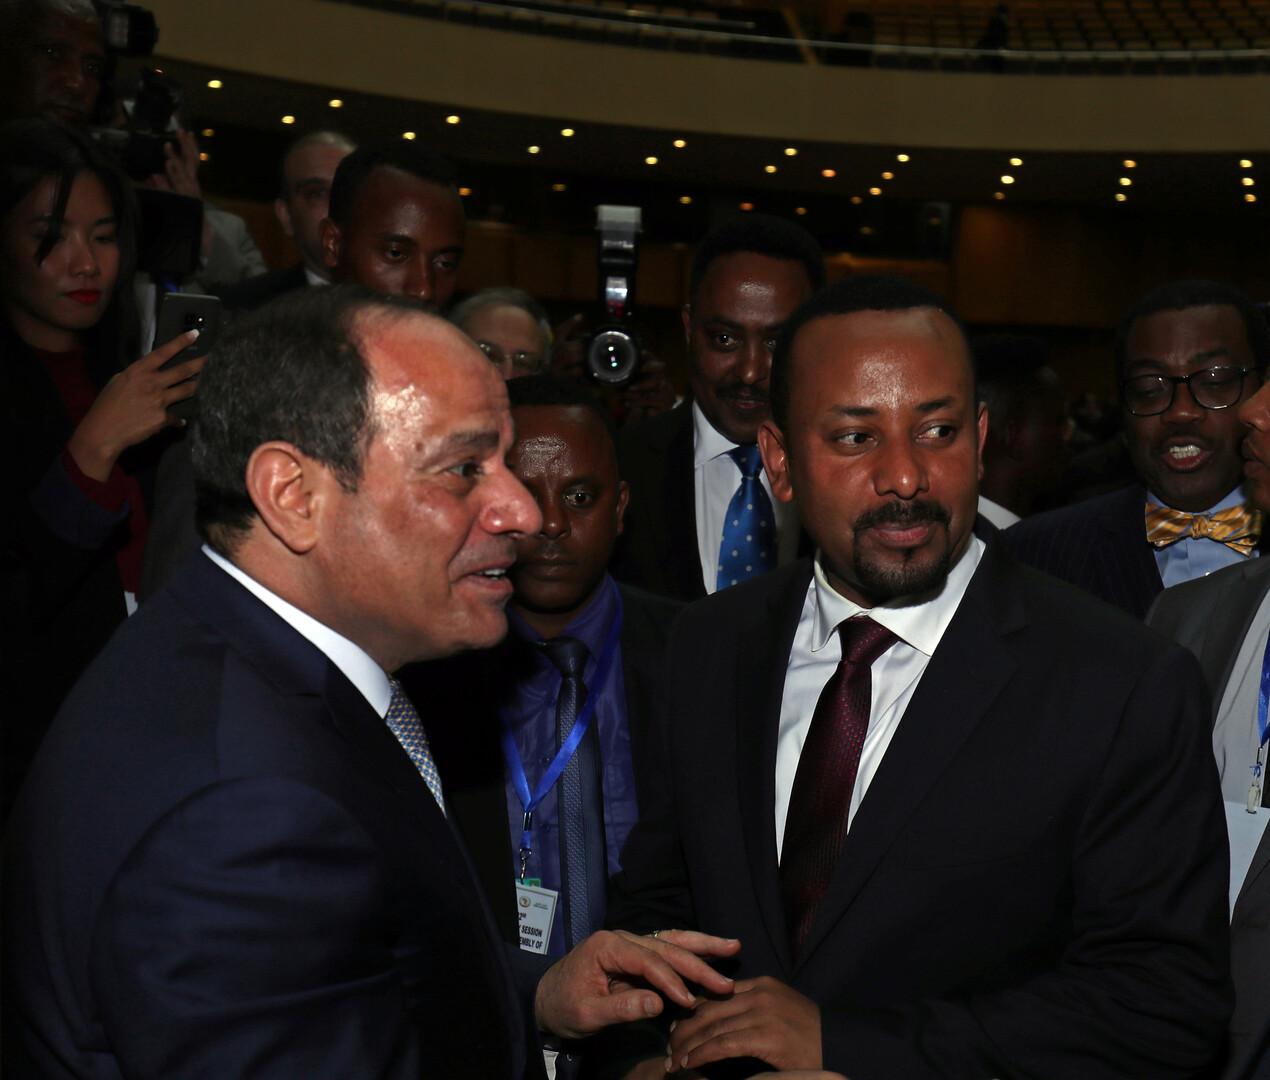 الرئيس المصري ورئيس وزراء إثيوبيا